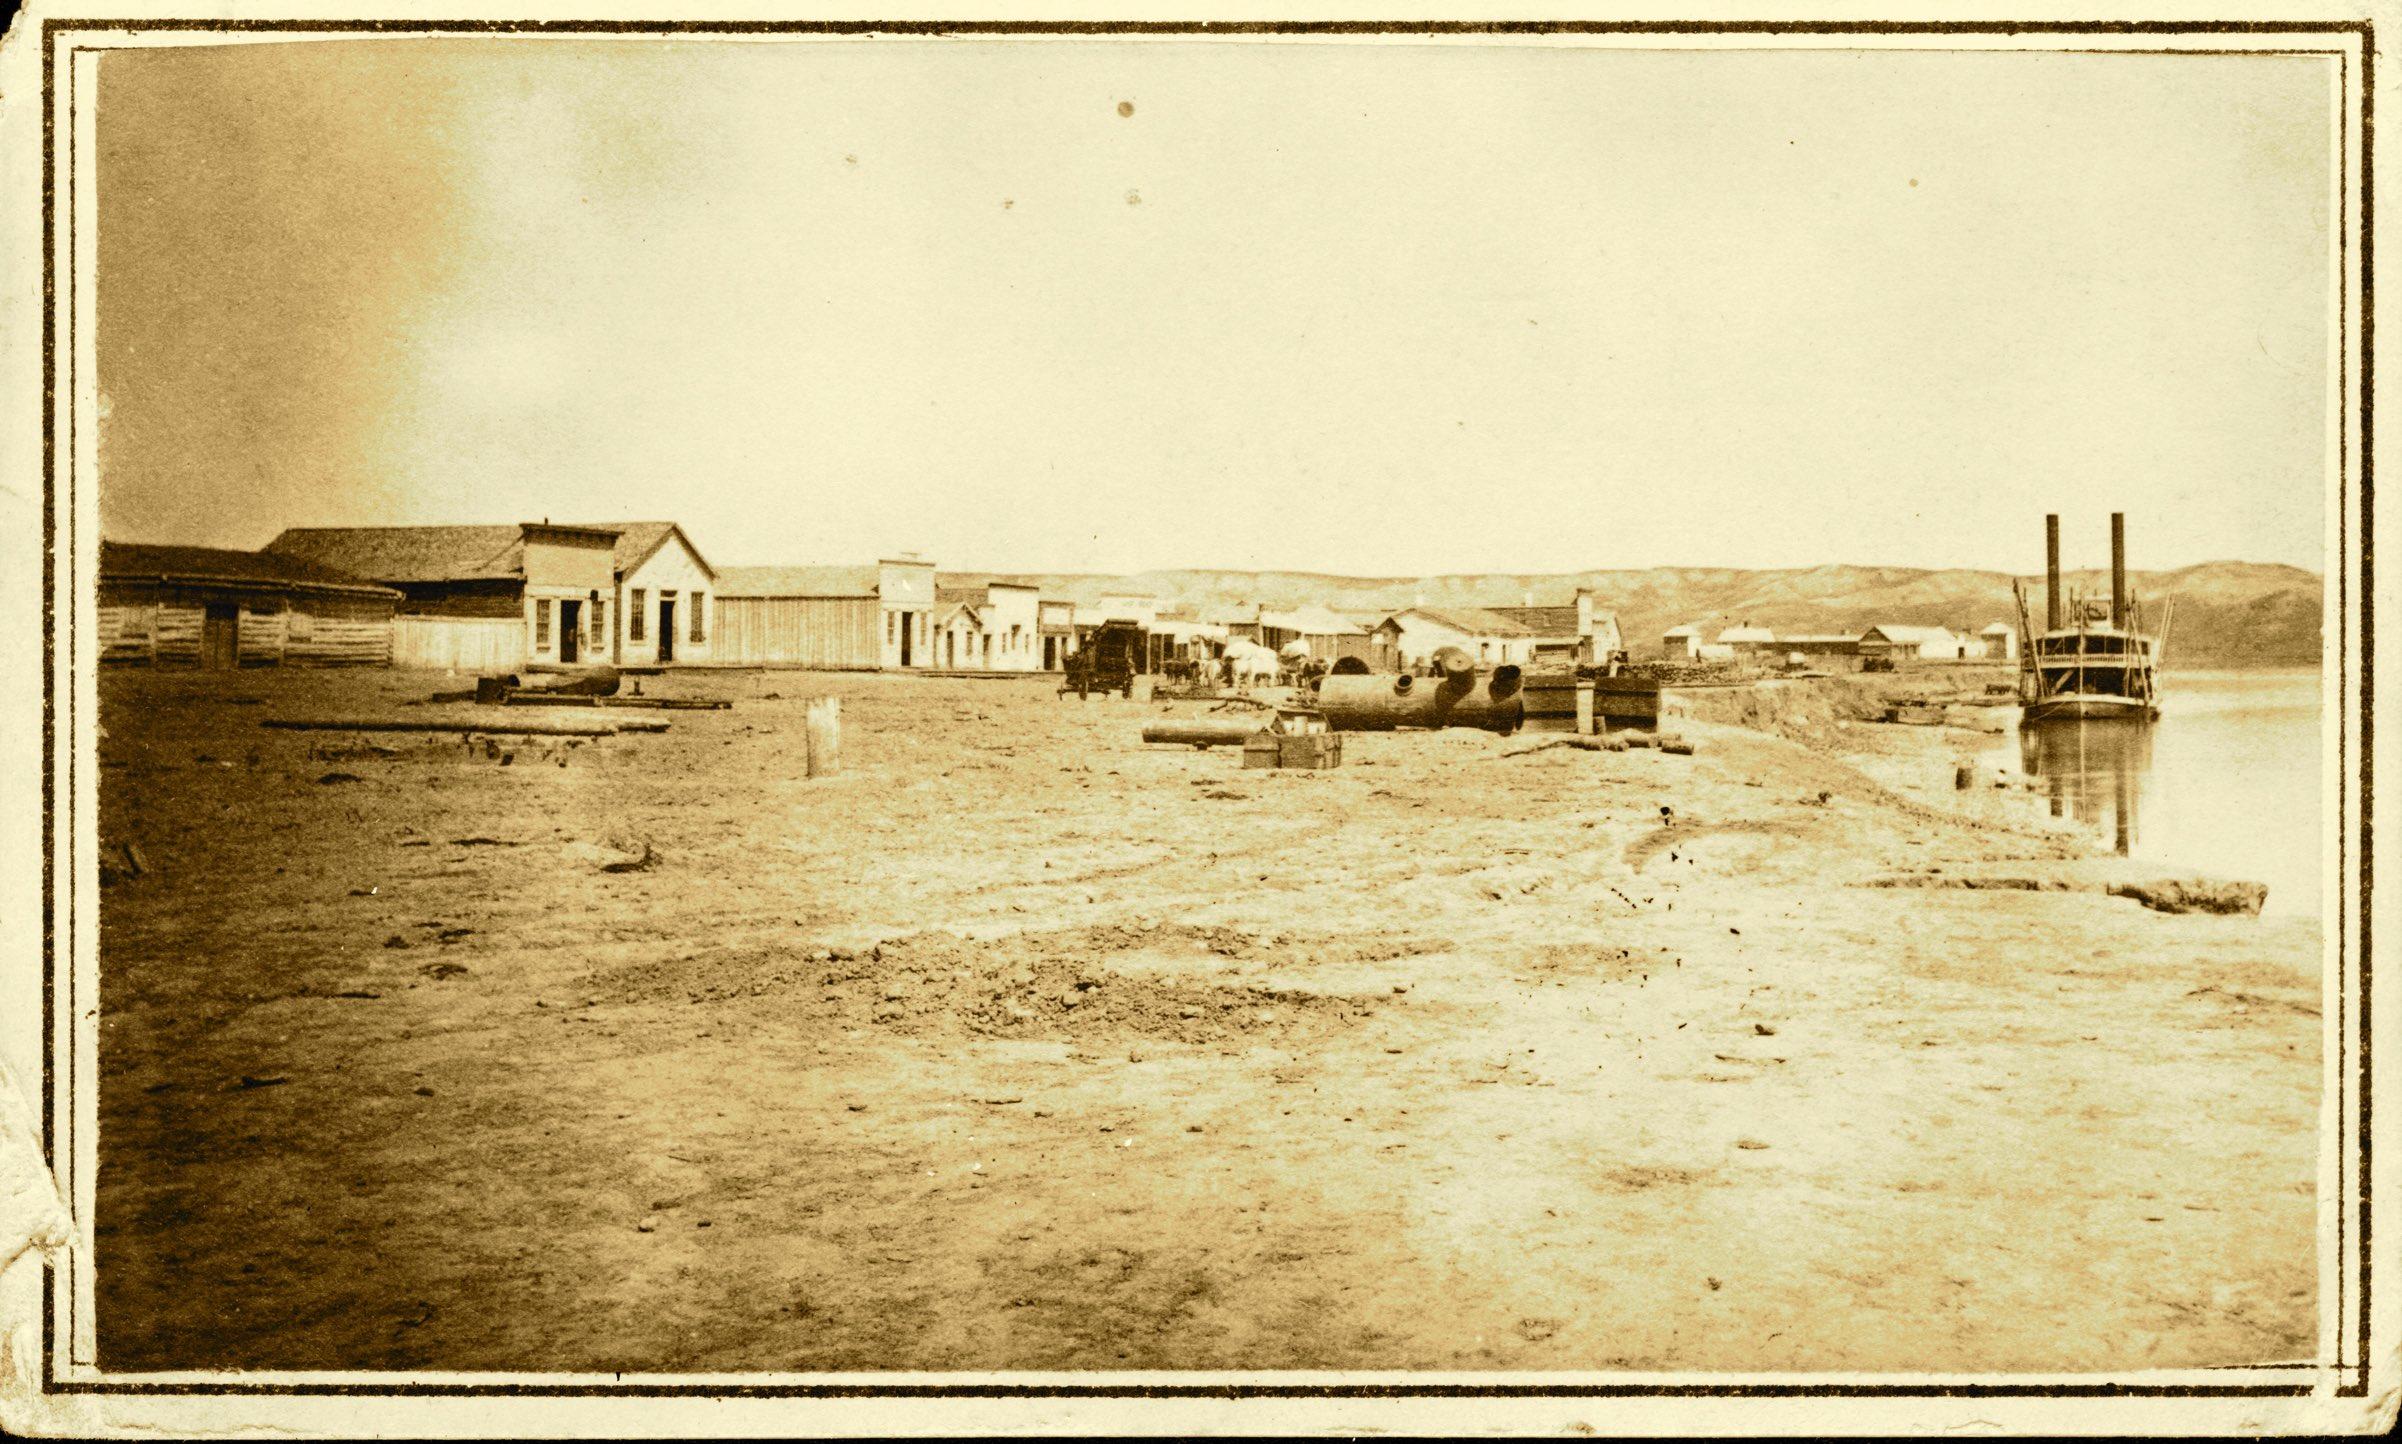 Fort Benton levee, August 1868